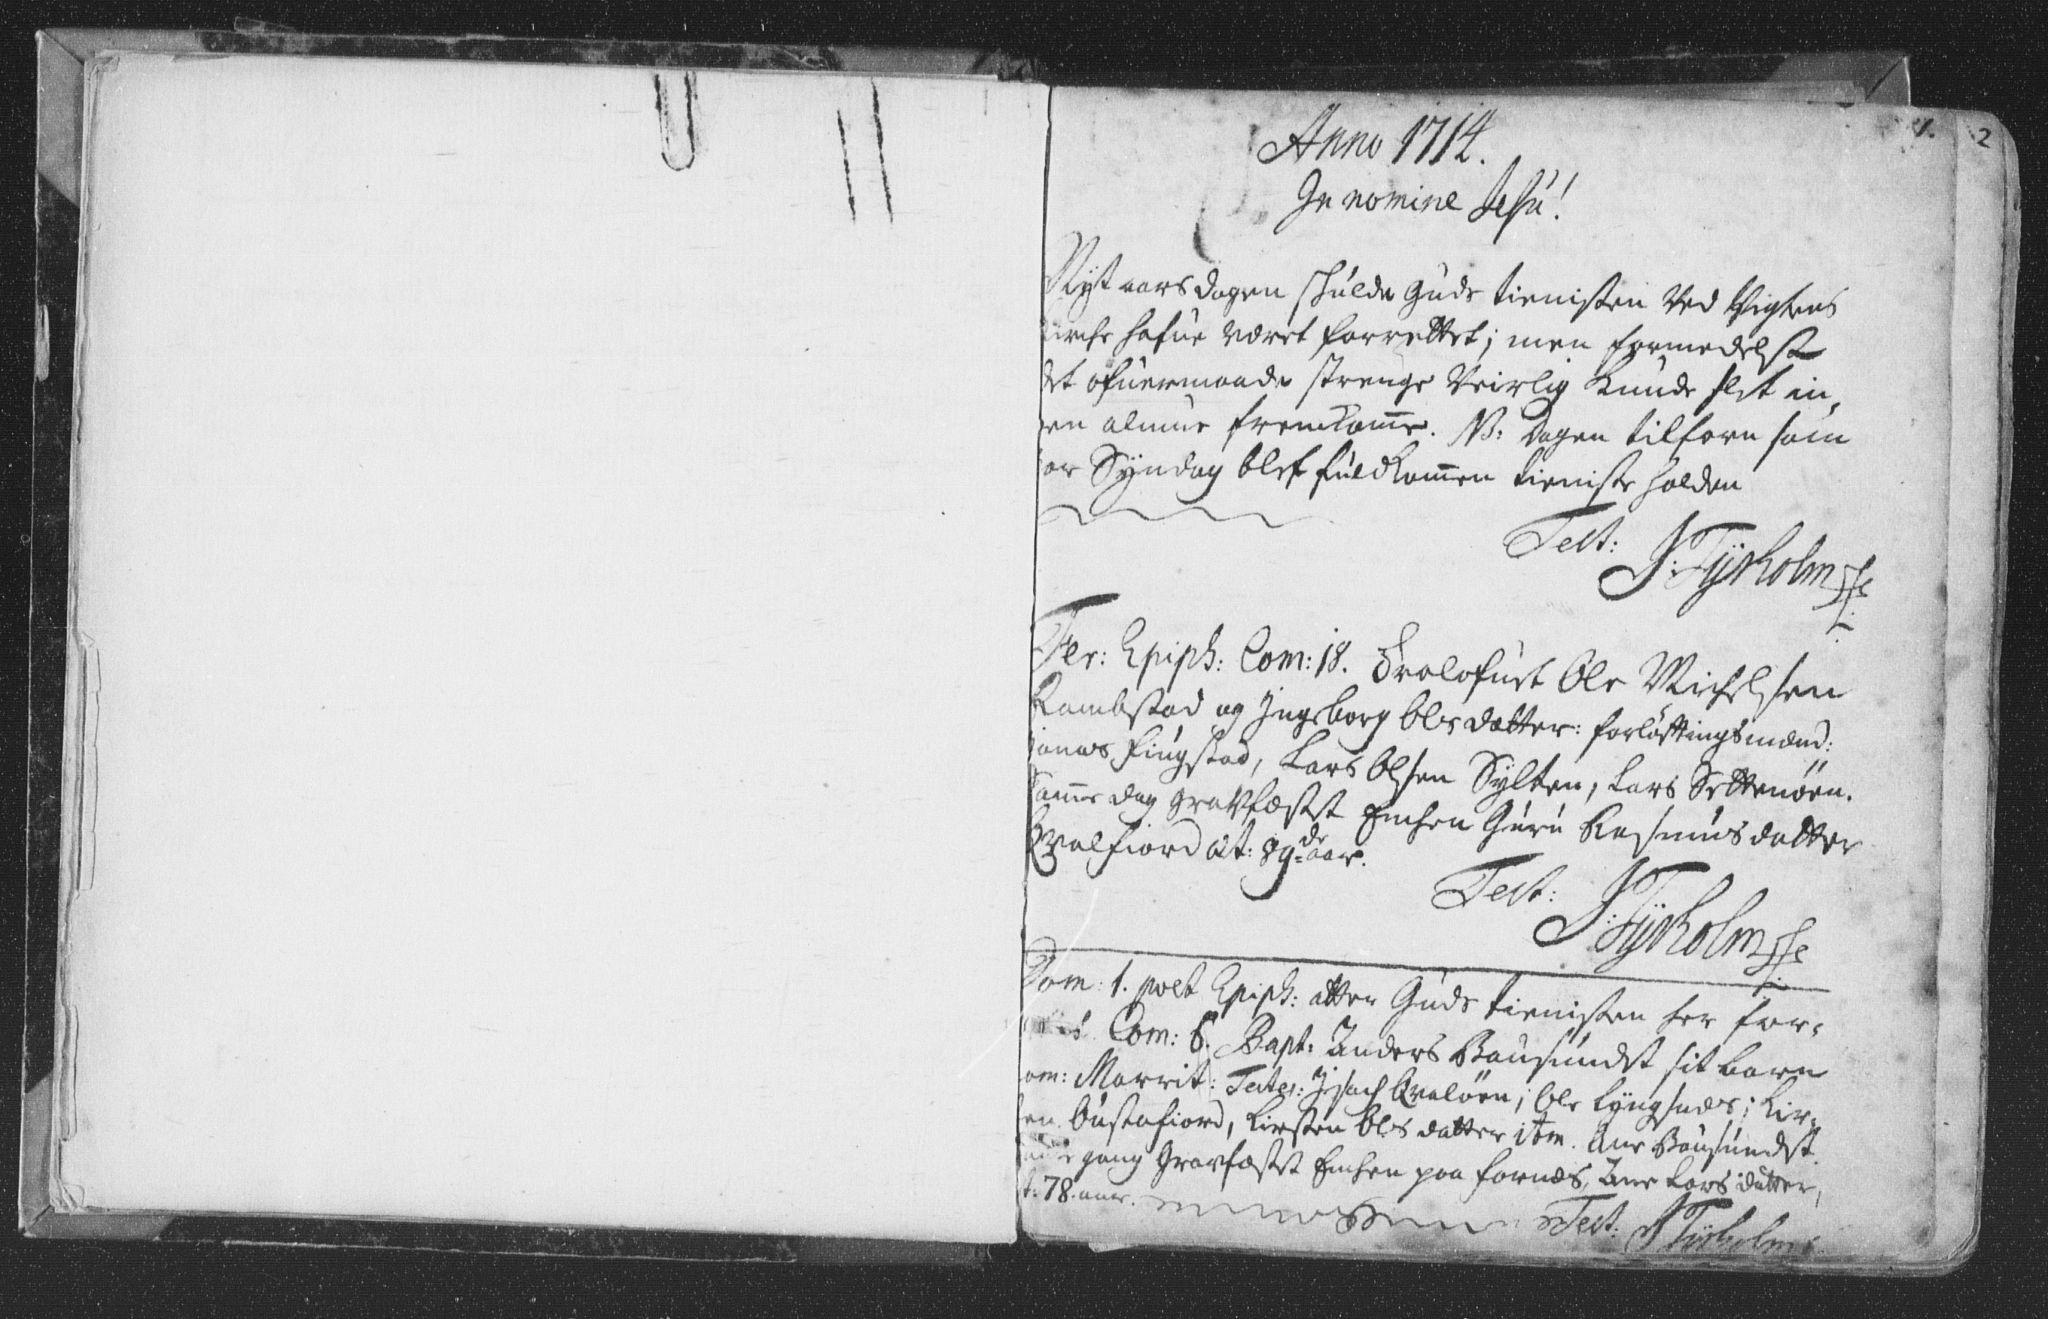 SAT, Ministerialprotokoller, klokkerbøker og fødselsregistre - Nord-Trøndelag, 786/L0685: Ministerialbok nr. 786A01, 1710-1798, s. 1